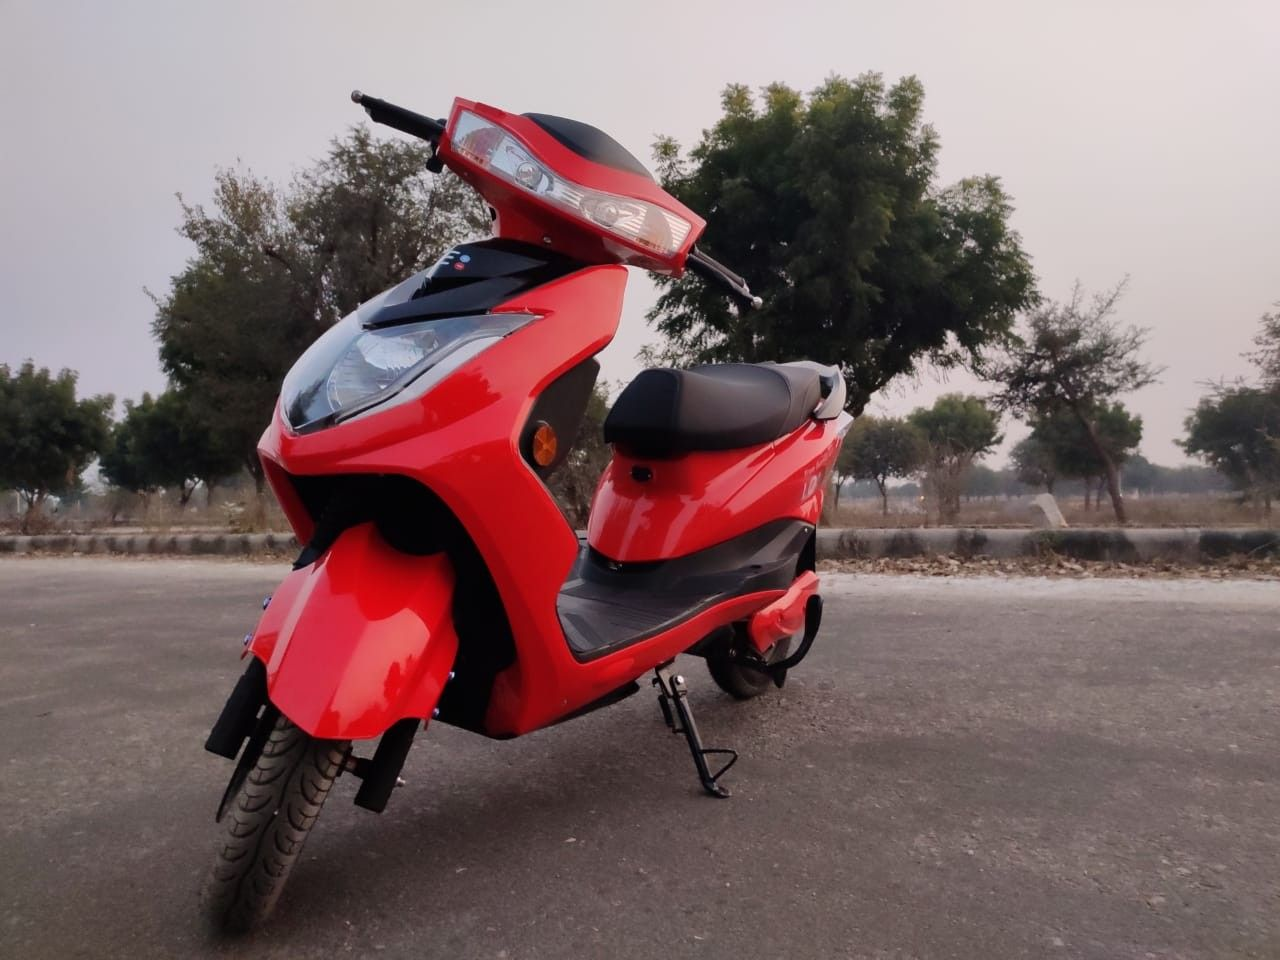 BattRE LoEV e-scooter